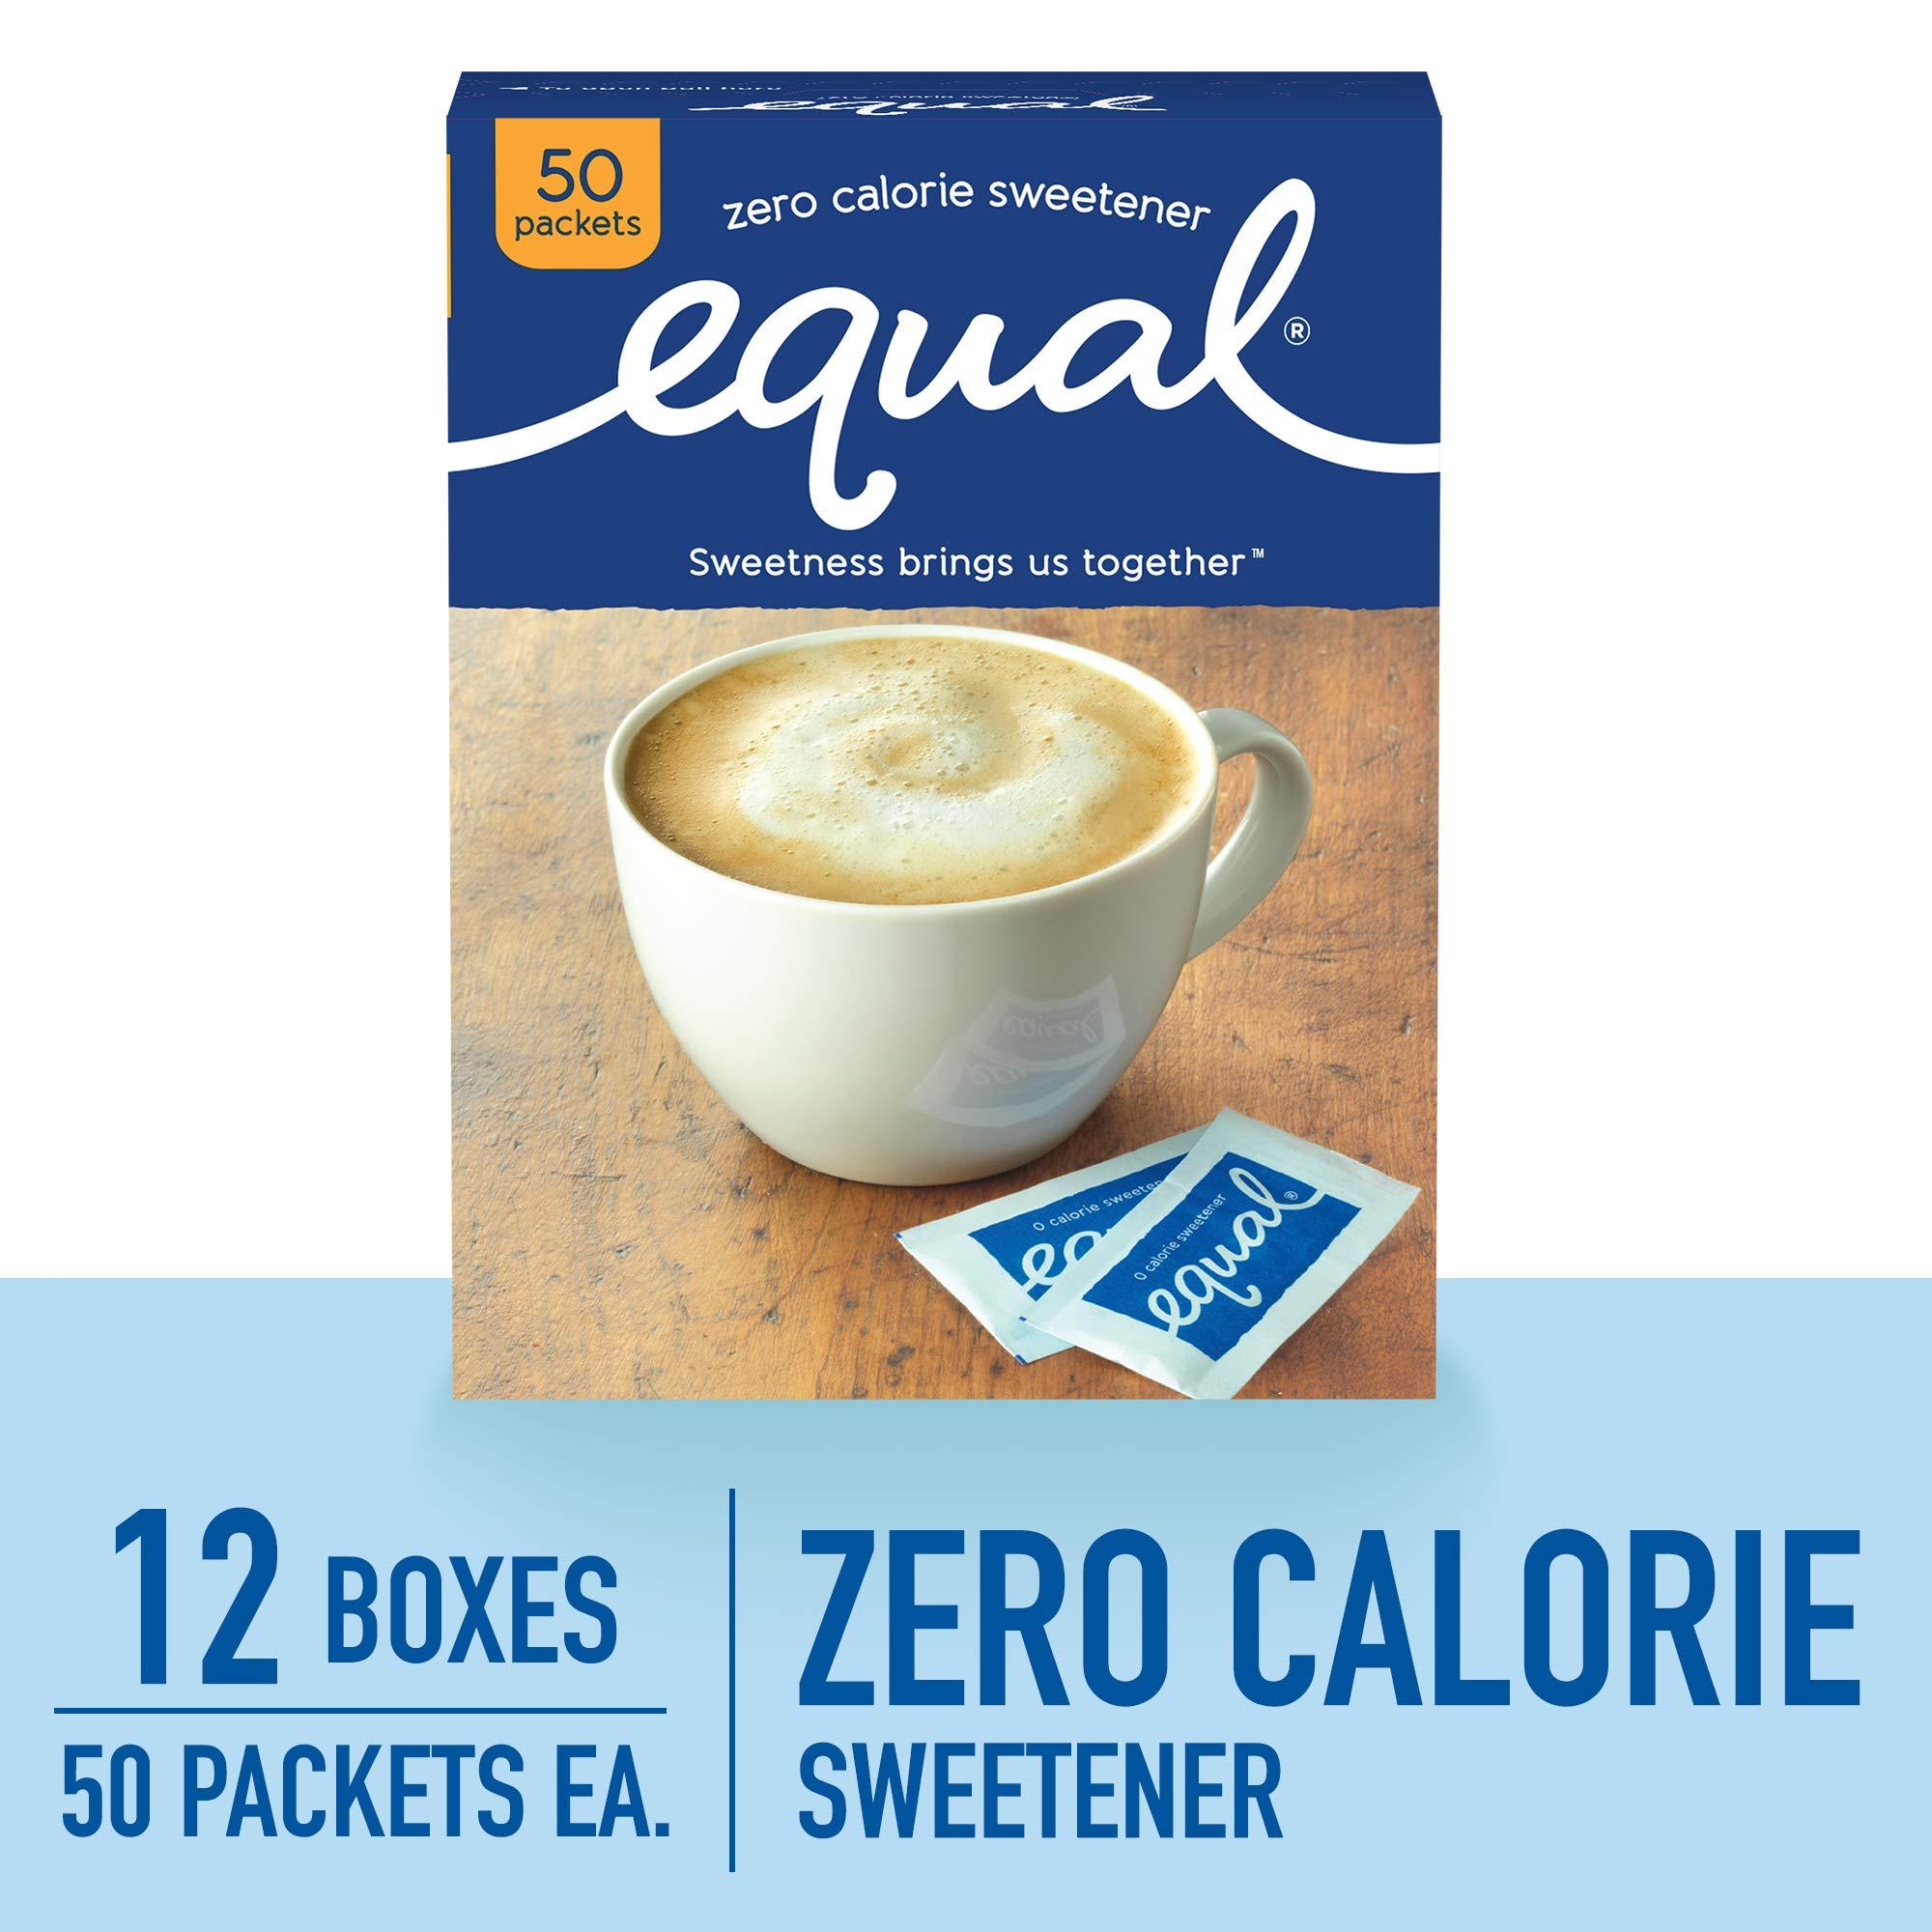 EQUAL 0 Calorie Sweetener, Sugar Substitute, Zero Calorie Sugar Alternative Sweetener Packets, Sugar Alternative, 50 Count (Pack of 12) by Equal (Image #1)